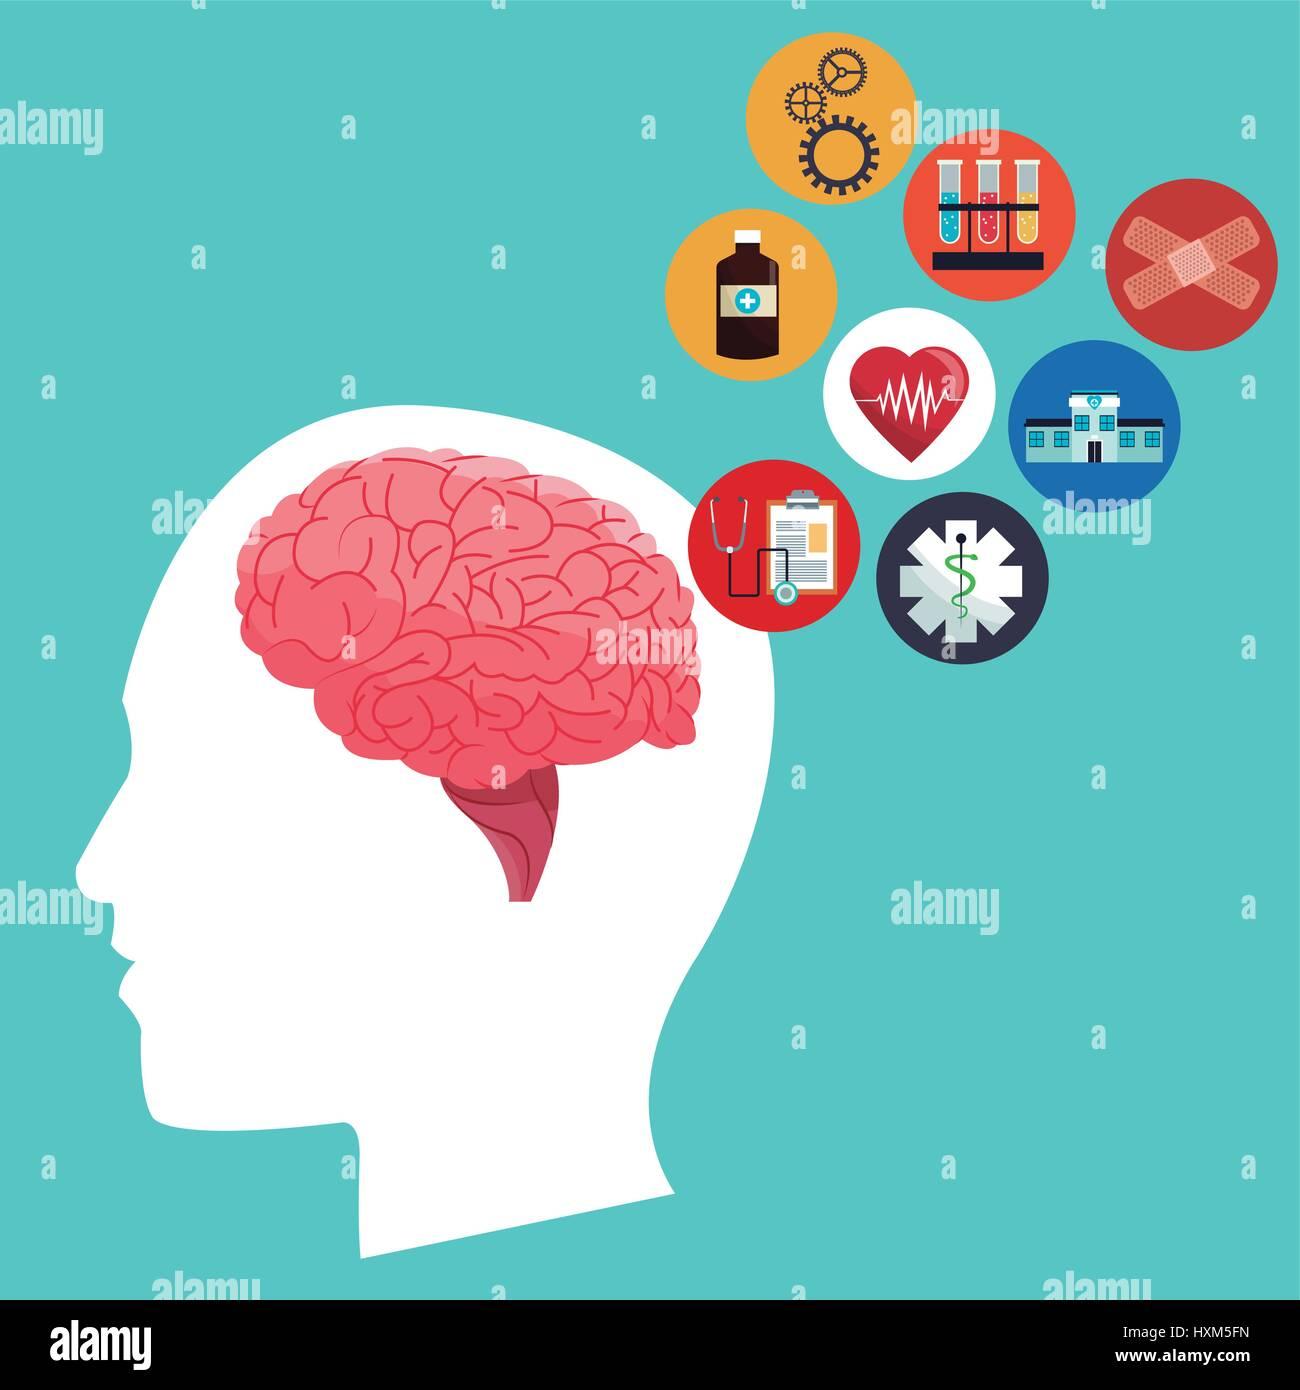 Cabeza humana cerebro healthcare medical iconos Imagen De Stock